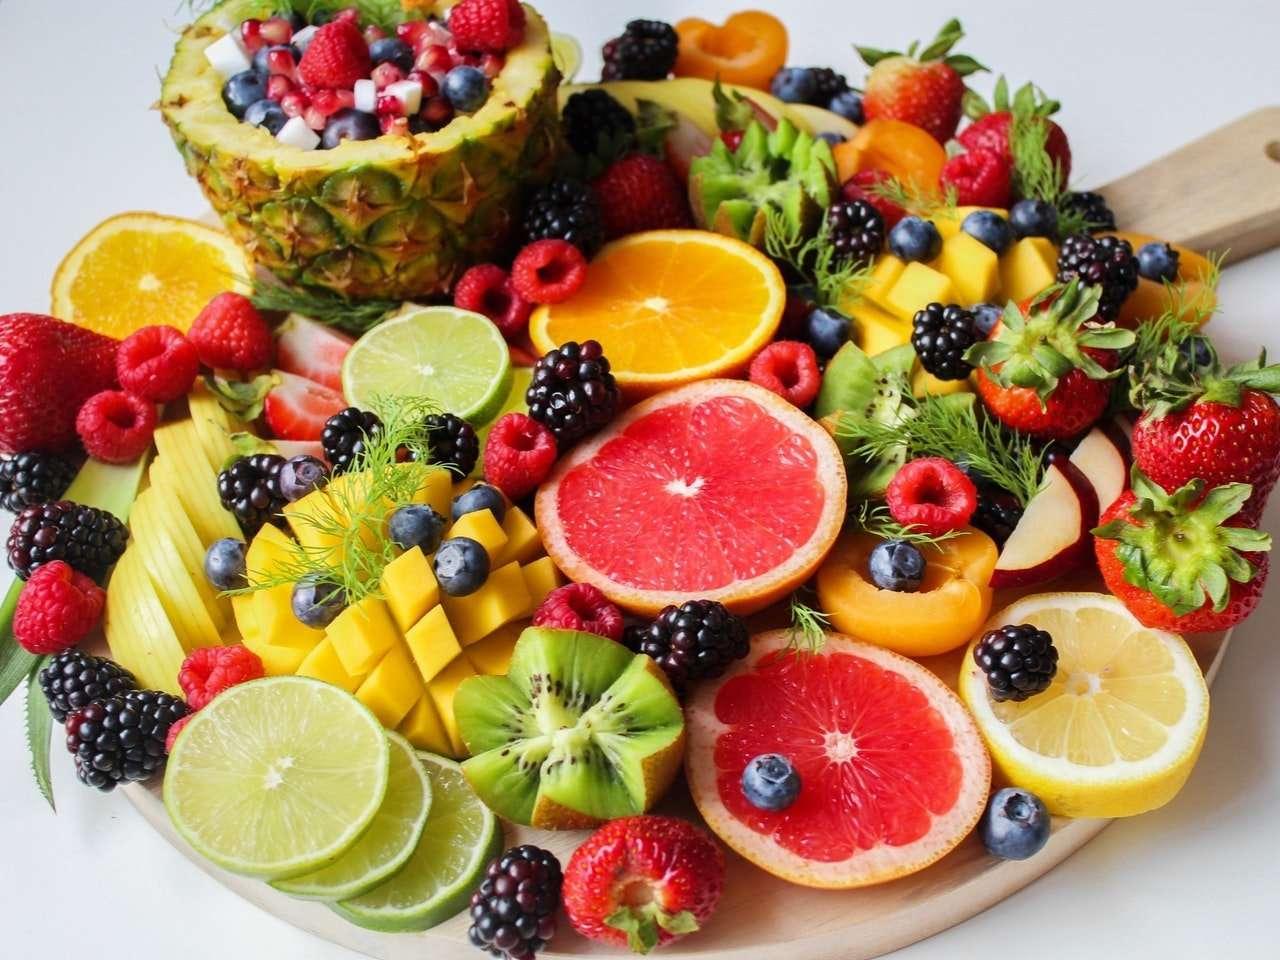 רשימה של פירות